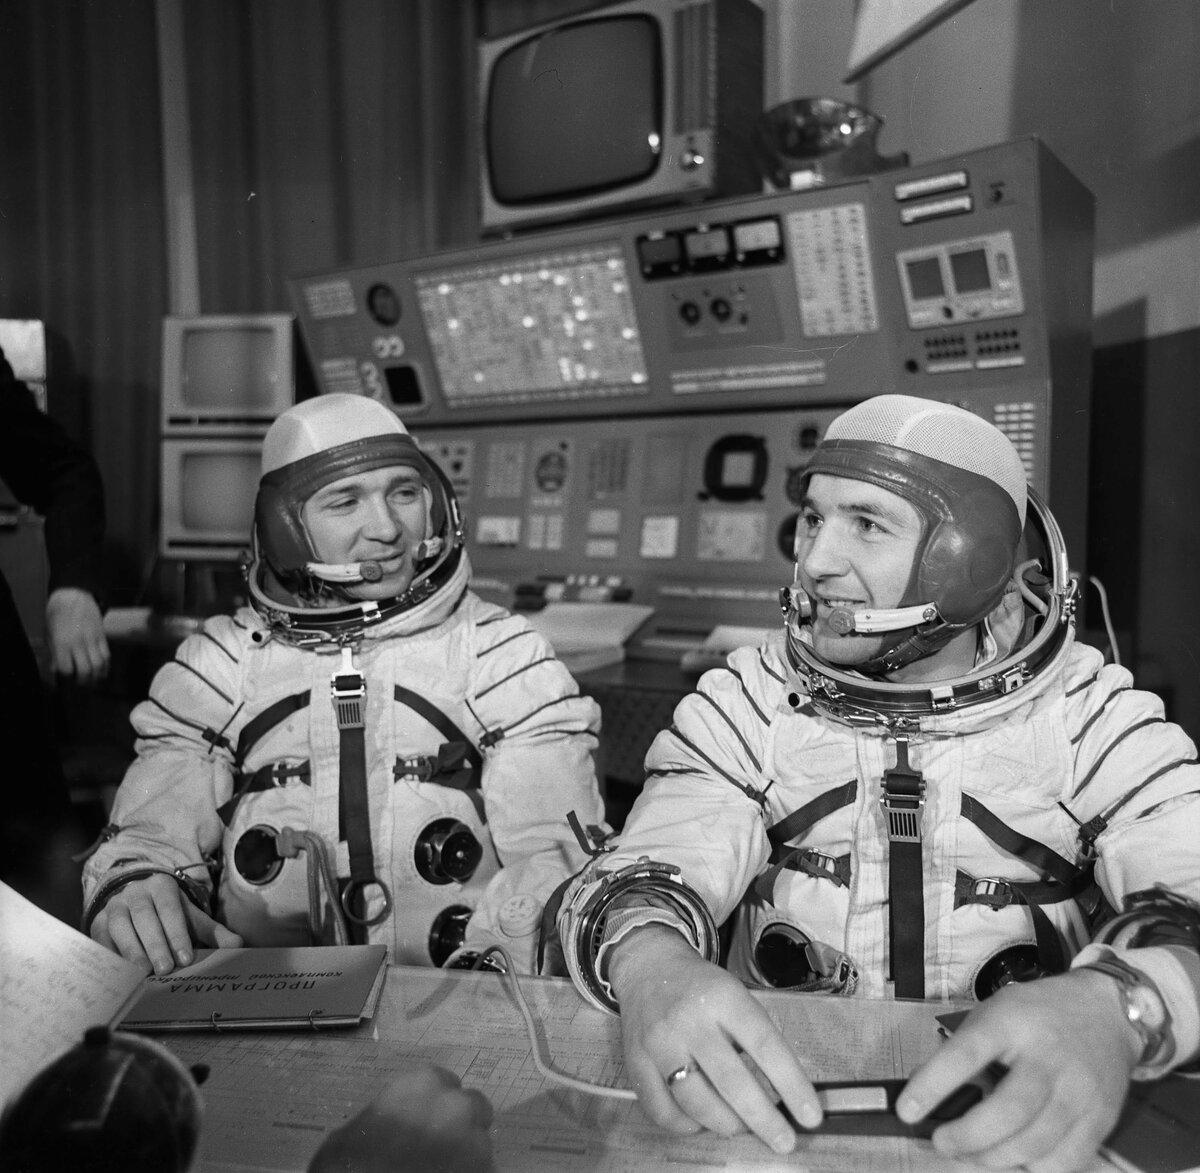 сделать фотографии и картинки космонавтов поселок аккредитован